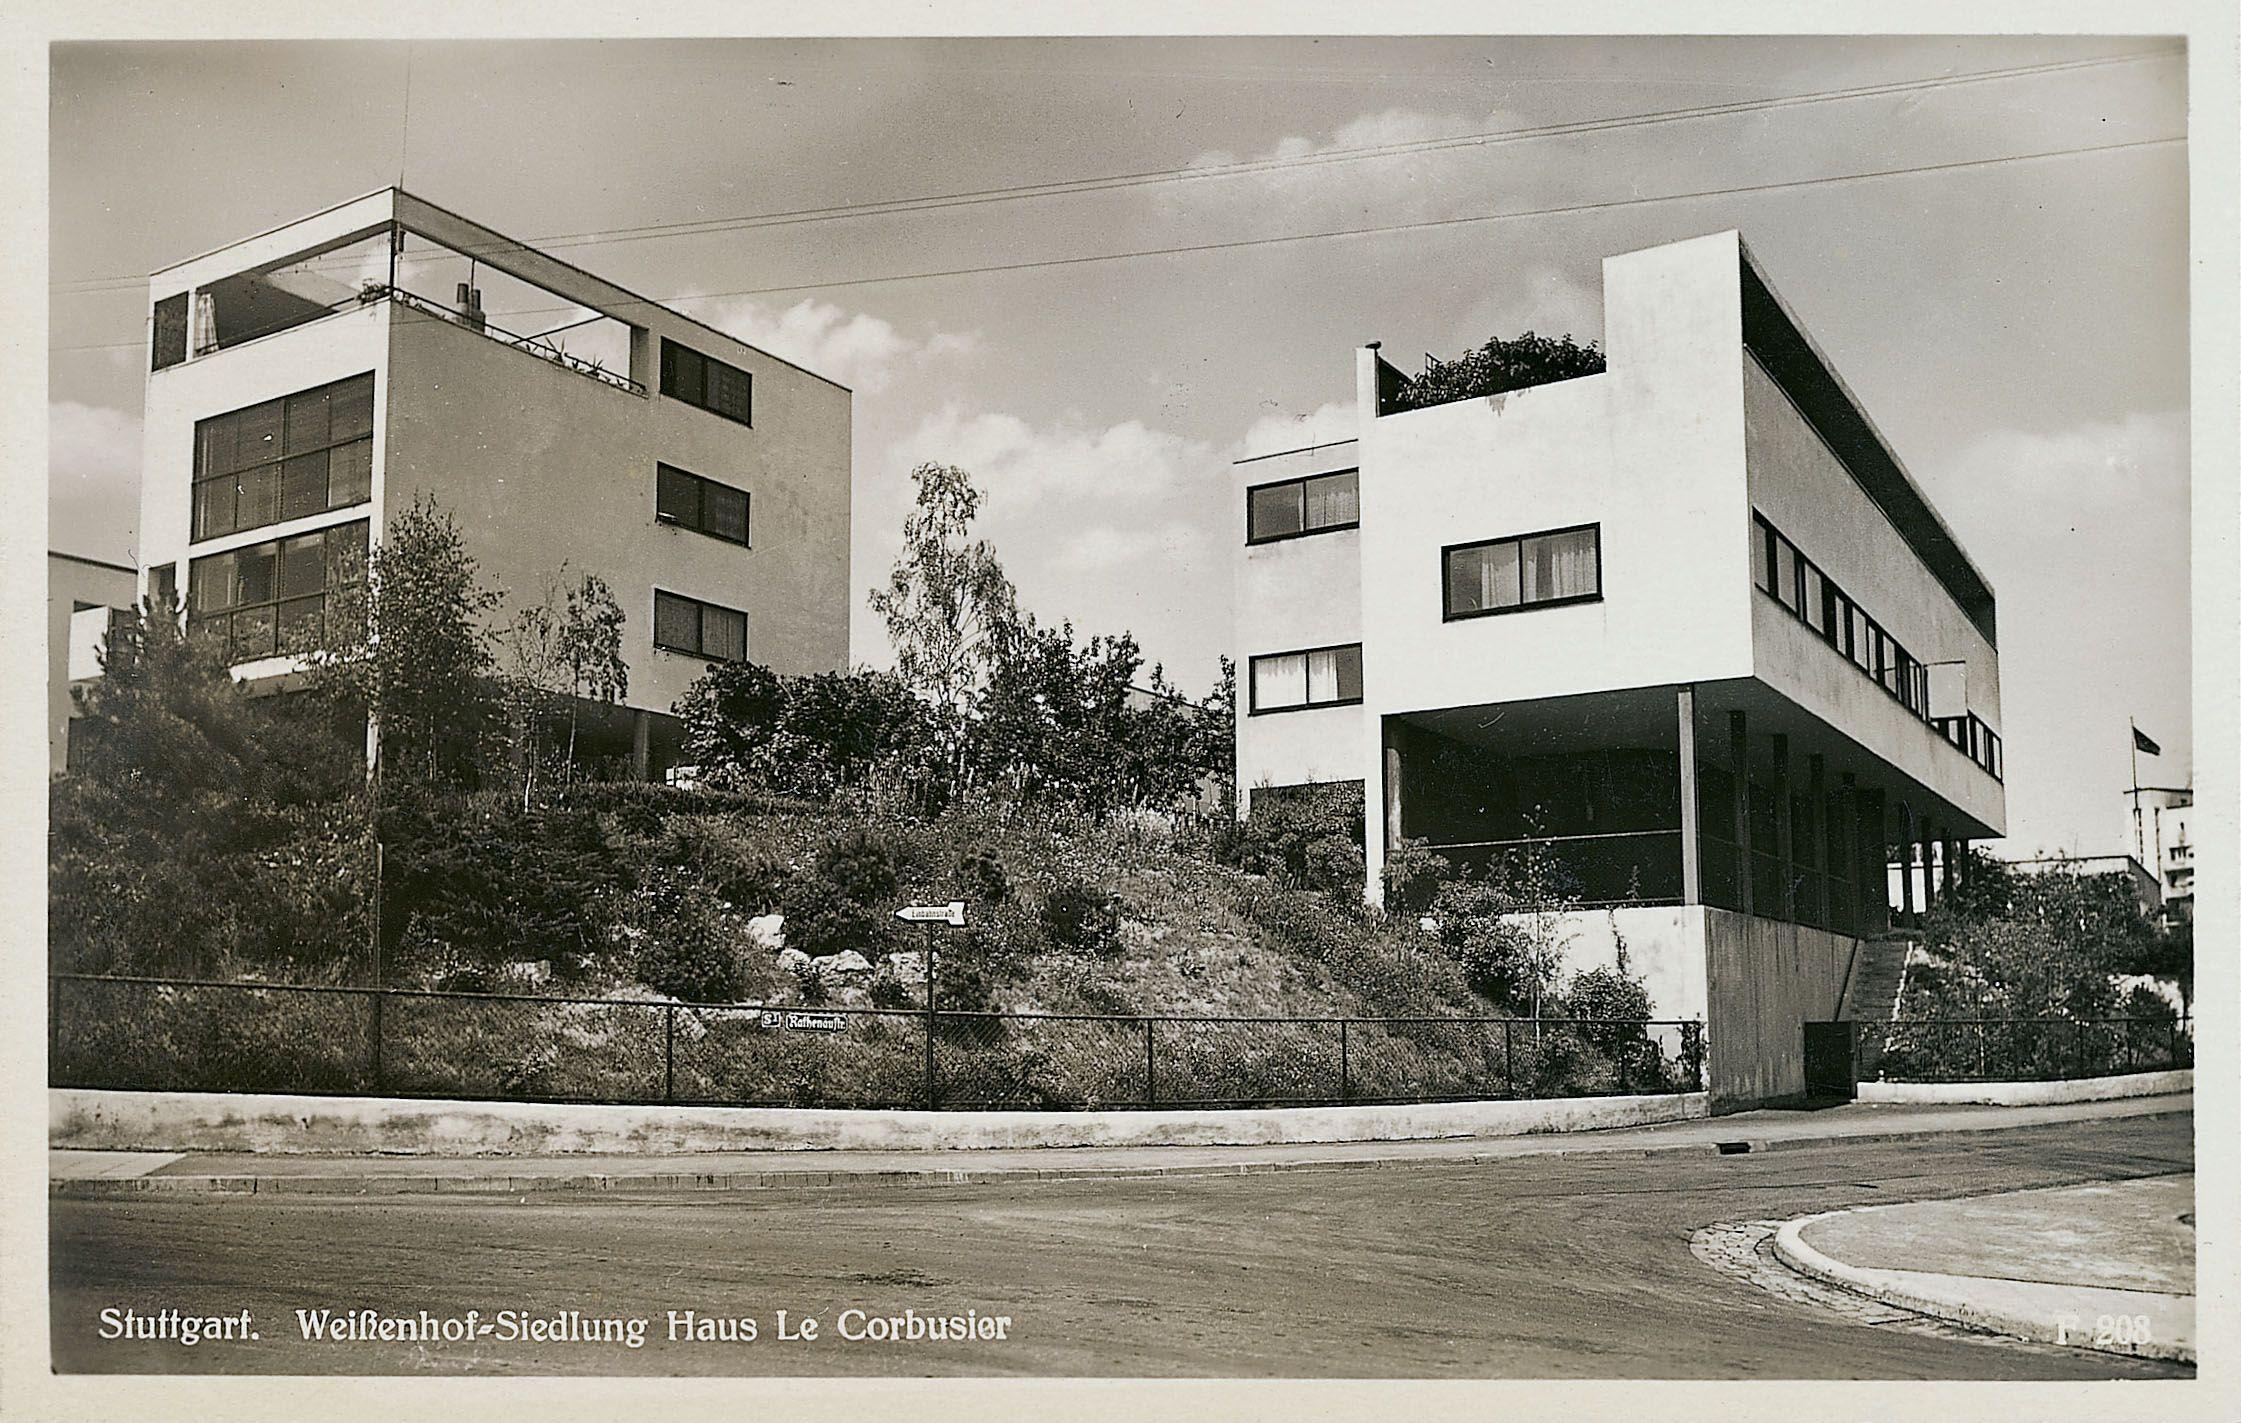 Weissenhofsiedlung 1927 at le corbusier pinterest for Villas weissenhofsiedlung